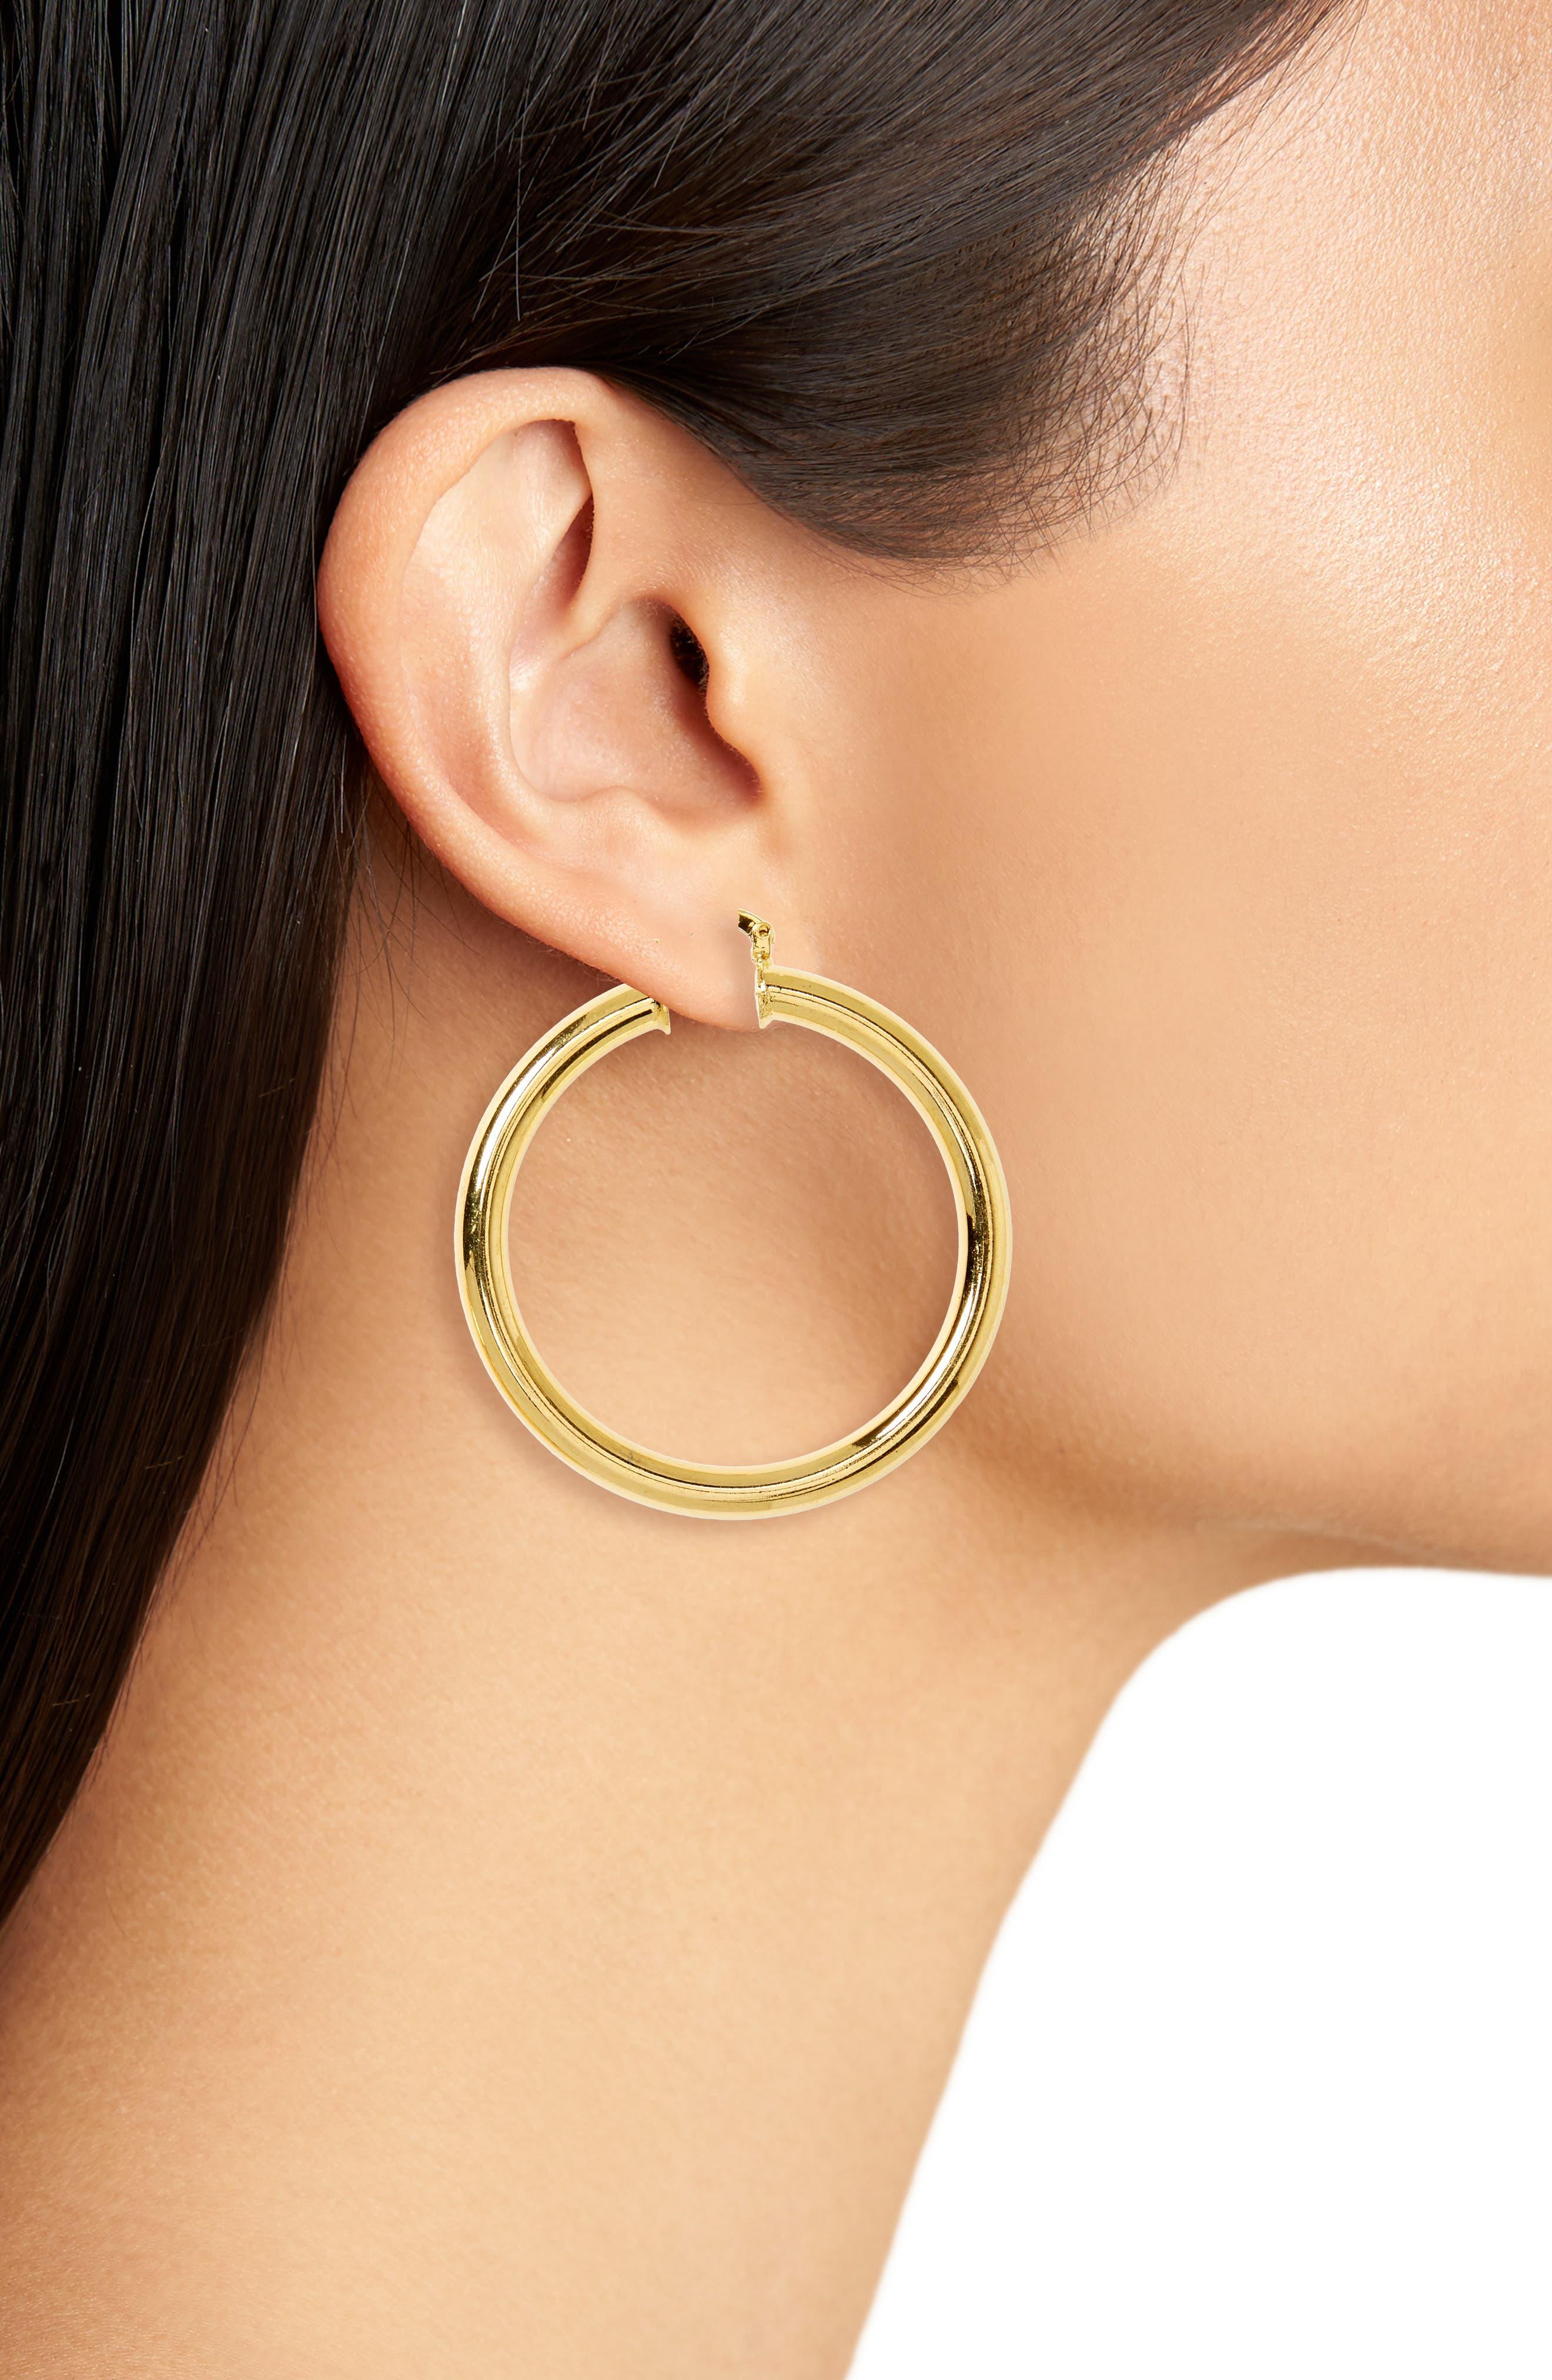 MELODY EHSANI,                             Sade Medium Hoop Earrings,                             Alternate thumbnail 2, color,                             710